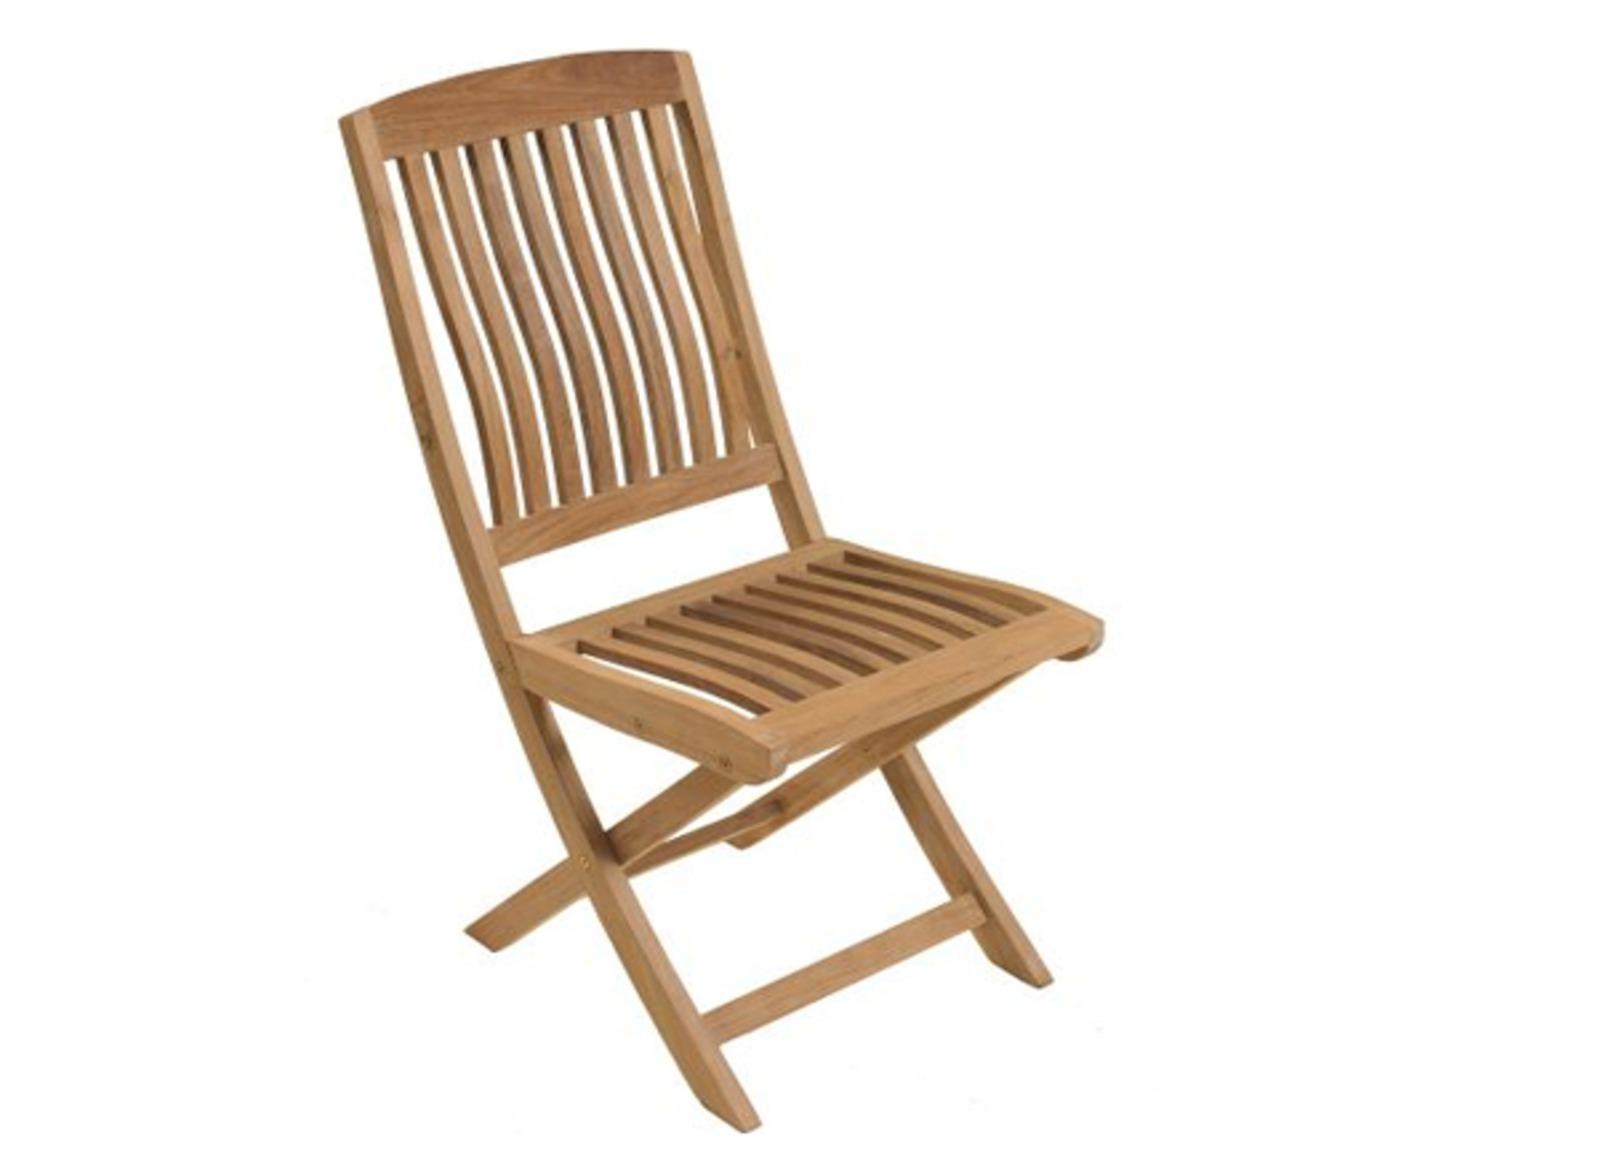 Chaise de jardin en teck Rias - Mobilier de jardin - Proloisirs